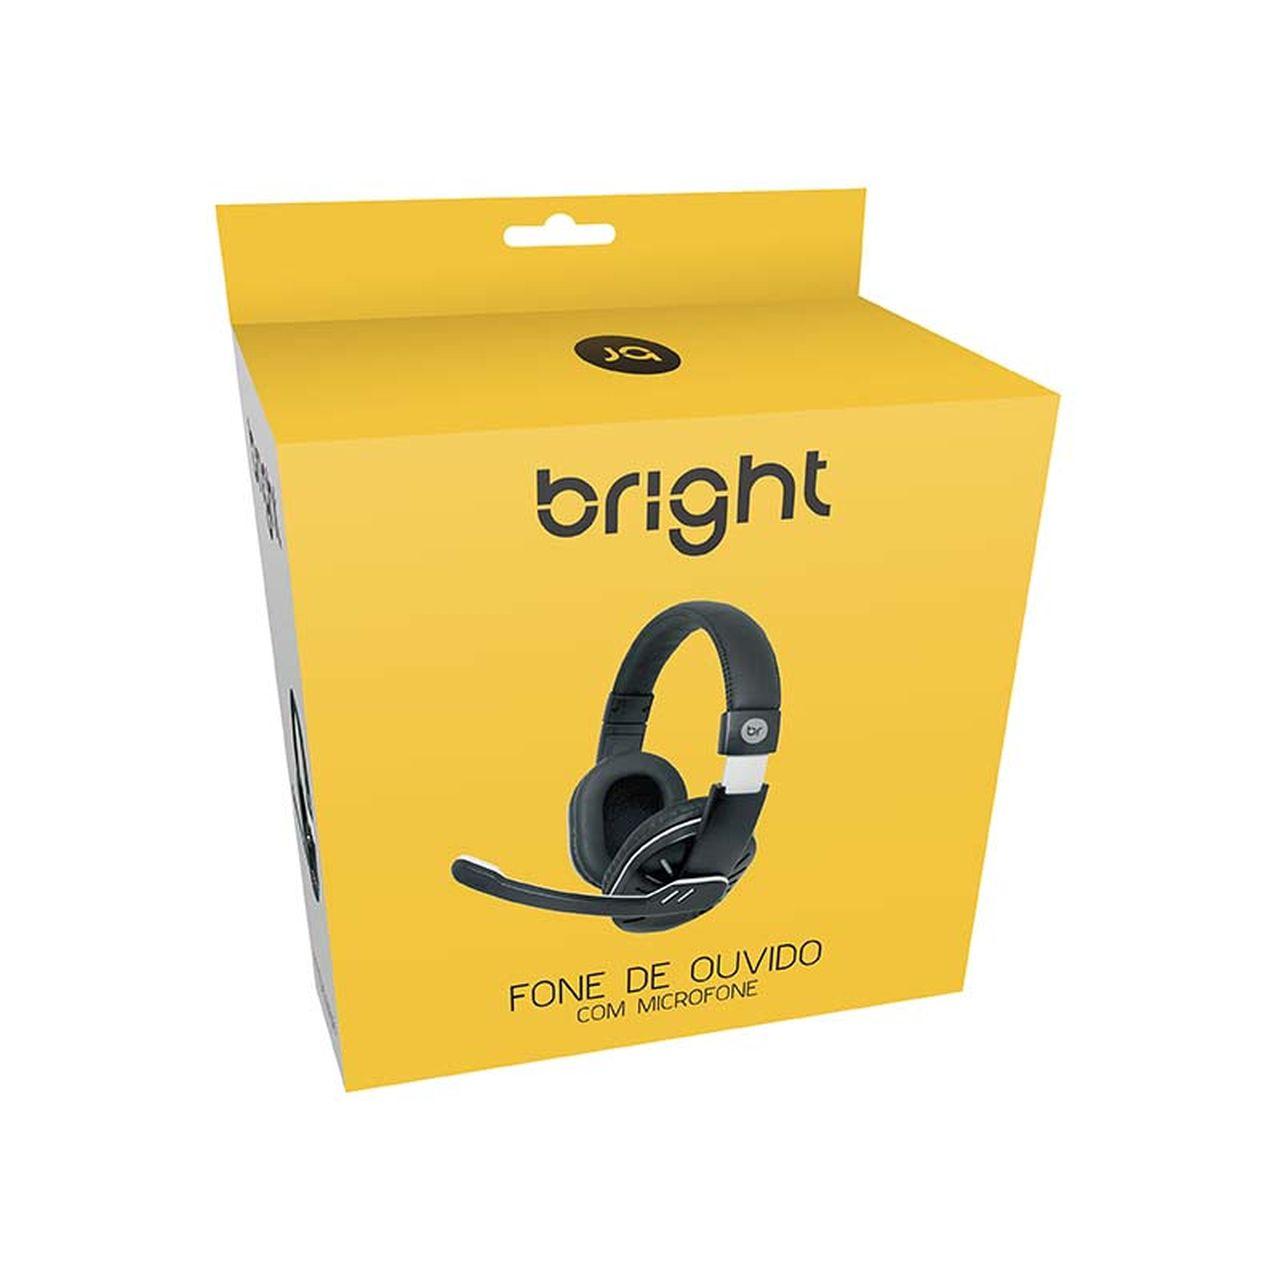 Headset Office Fone de Ouvido P2 Preto e Prata 181 Bright